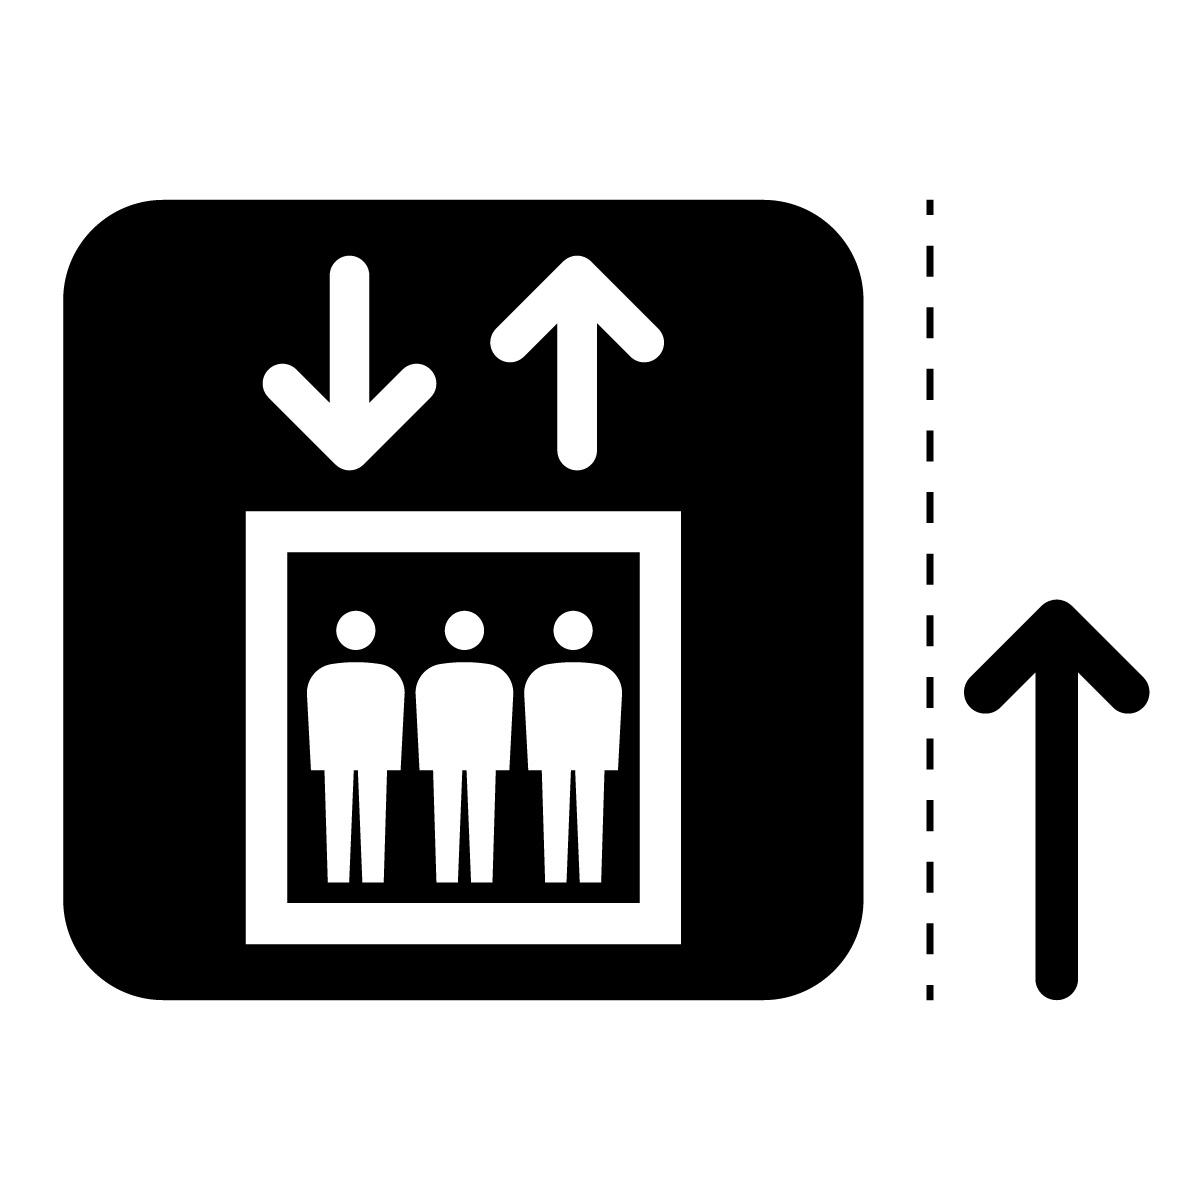 黒色のエレベーター案内マーク(矢印付き)のカッティングステッカー・シール 光沢タイプ・耐水・屋外耐候3~4年